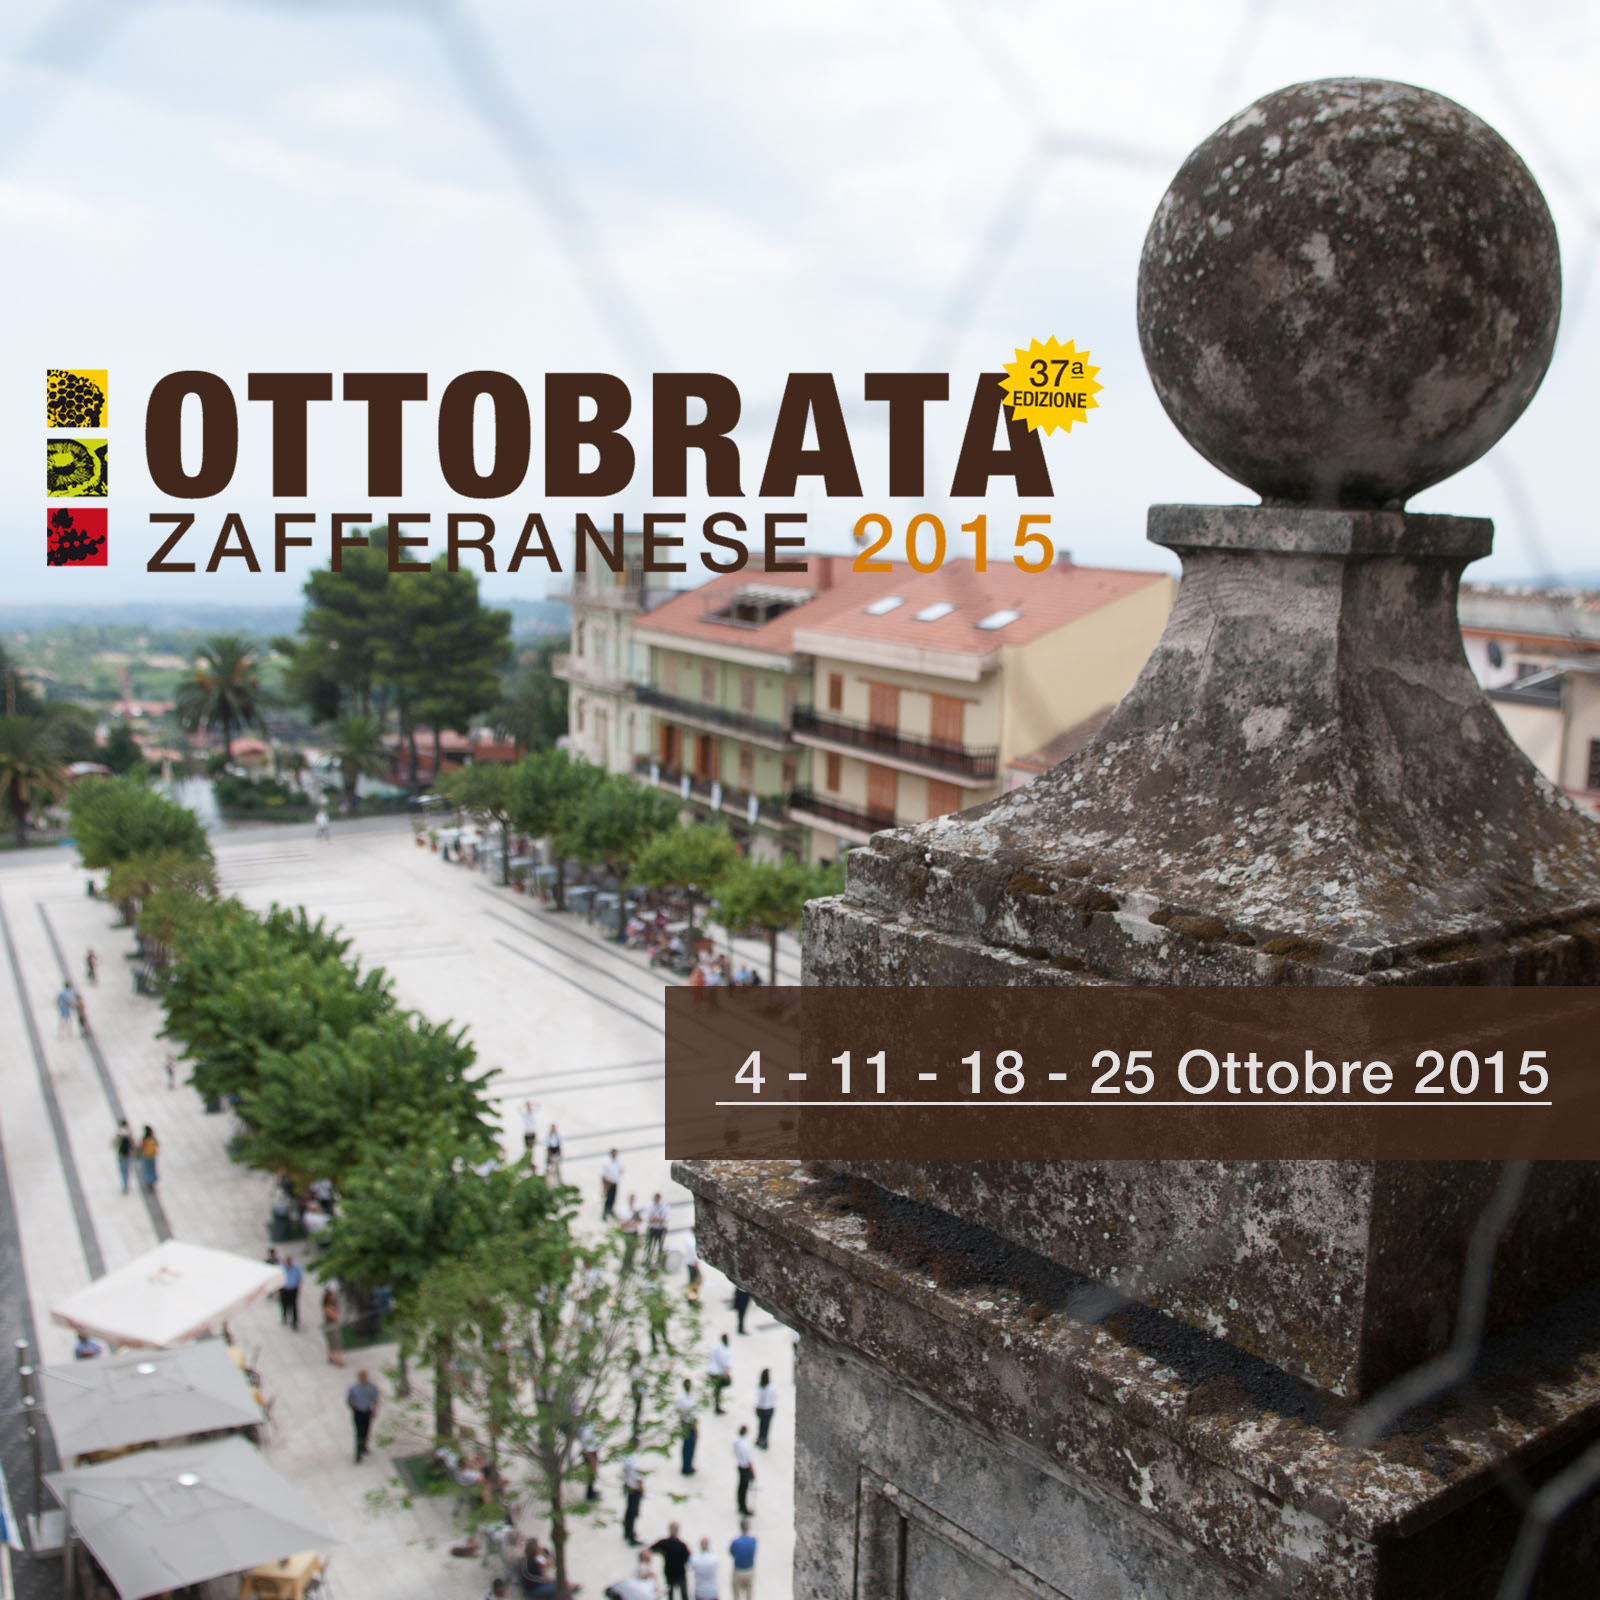 Le date dell'Ottobrata 2015